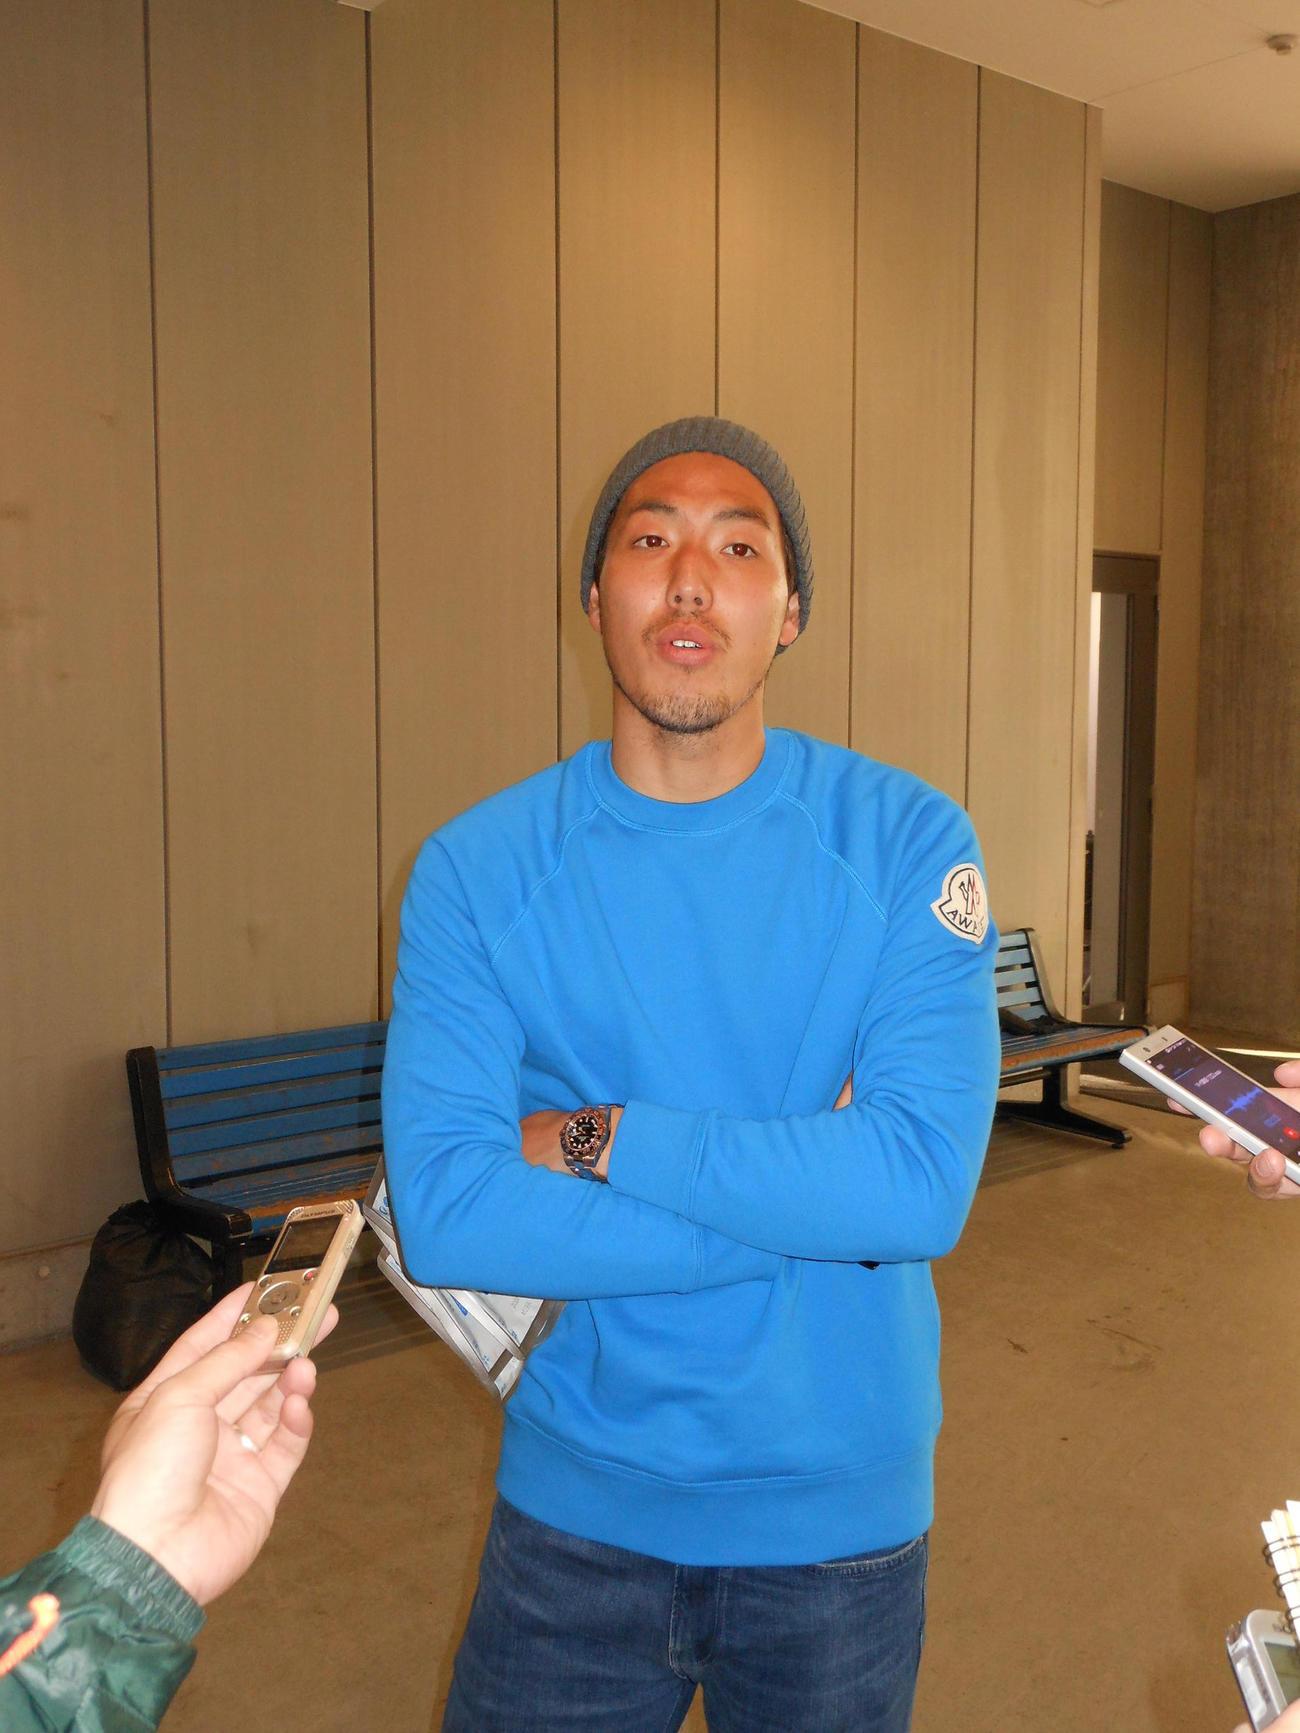 移籍後初めて練習試合に出場したG大阪DF昌子は納得の表情